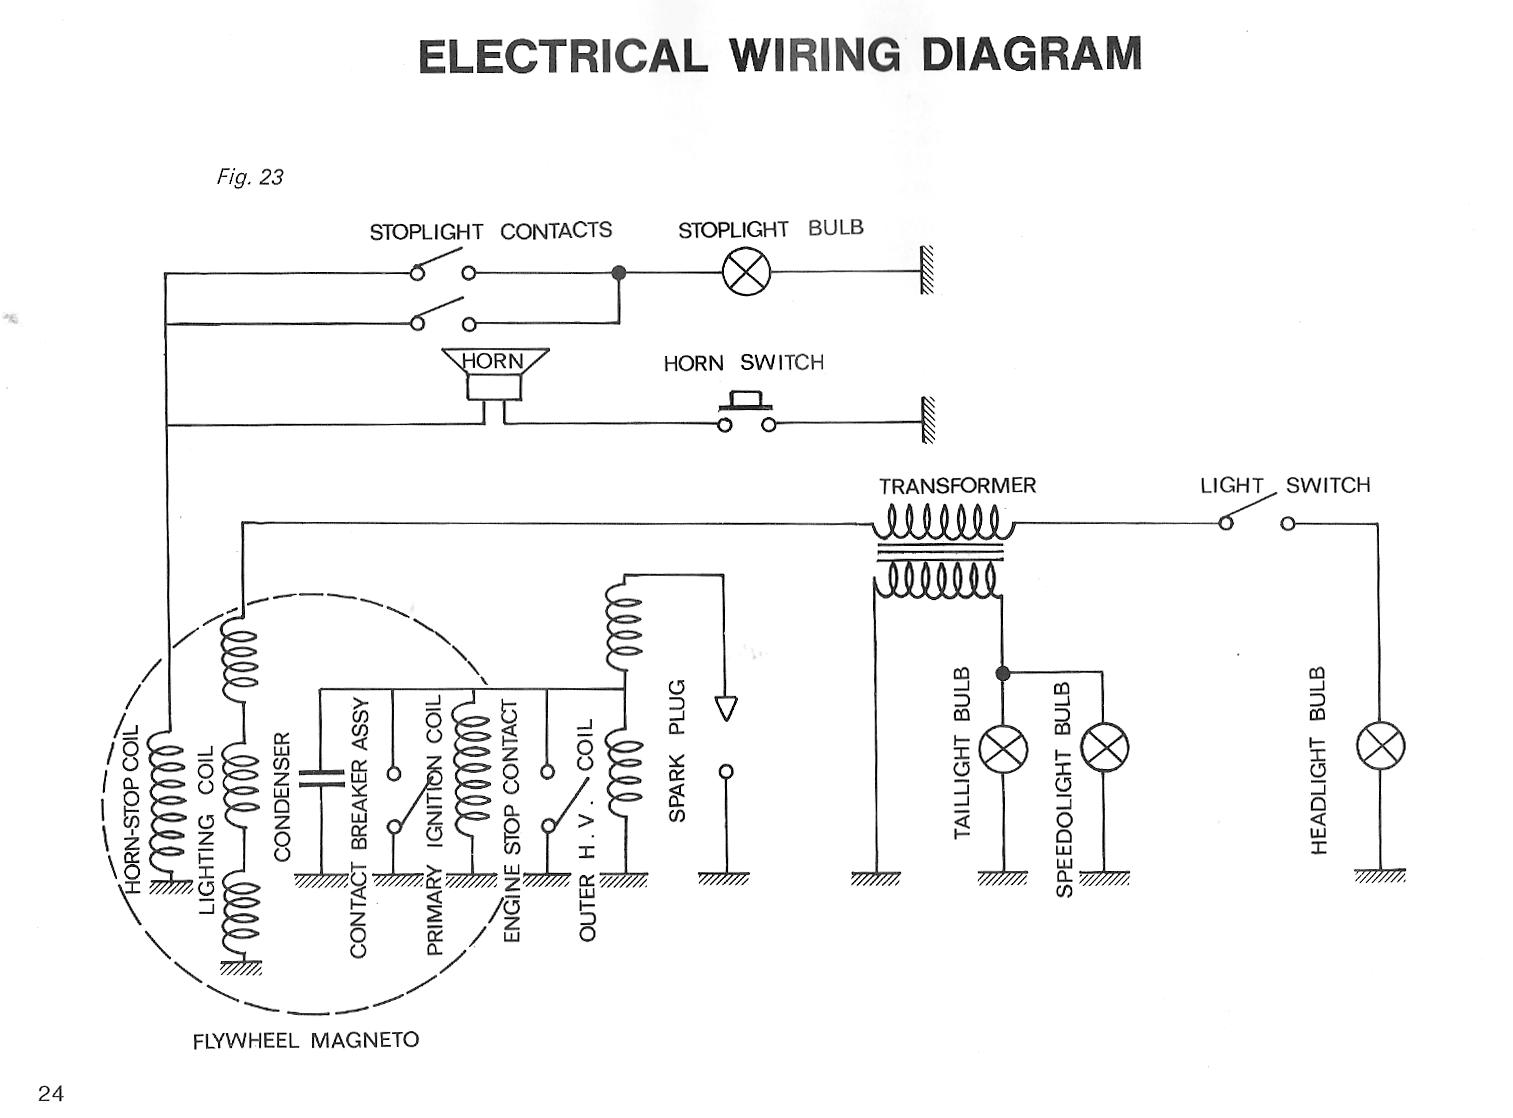 [DIAGRAM] Peugeot Elyseo 125 Wiring Diagram FULL Version